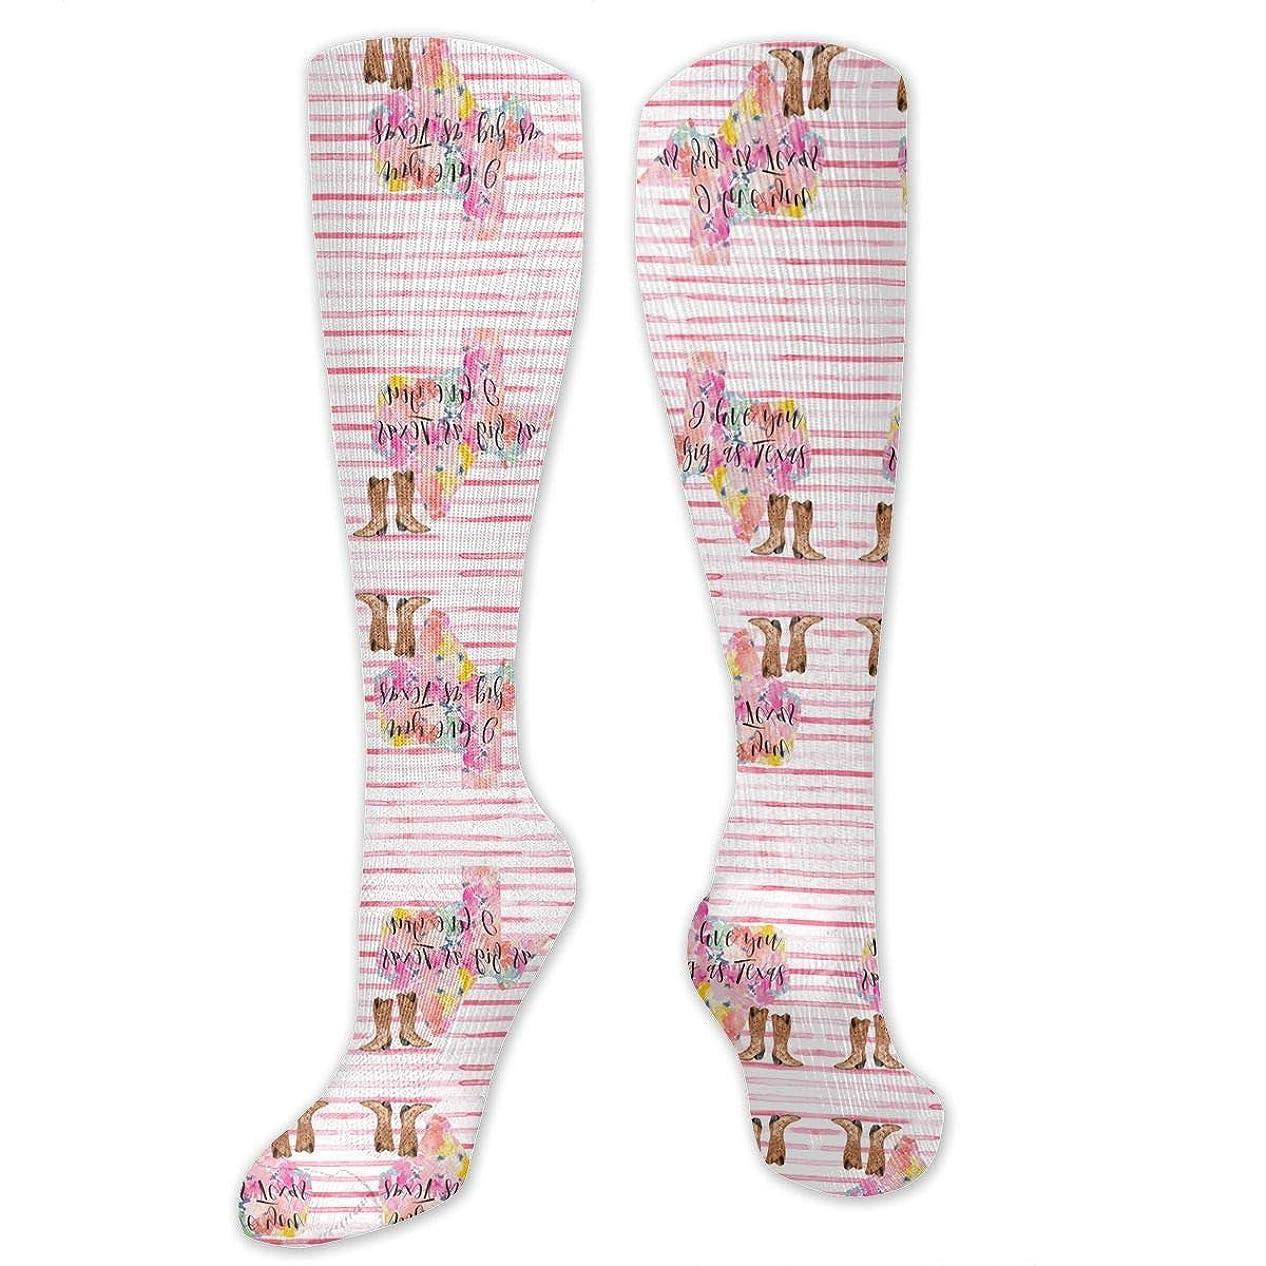 肥満ポジション人種靴下,ストッキング,野生のジョーカー,実際,秋の本質,冬必須,サマーウェア&RBXAA I Love You As Big As Texas Socks Women's Winter Cotton Long Tube Socks Knee High Graduated Compression Socks